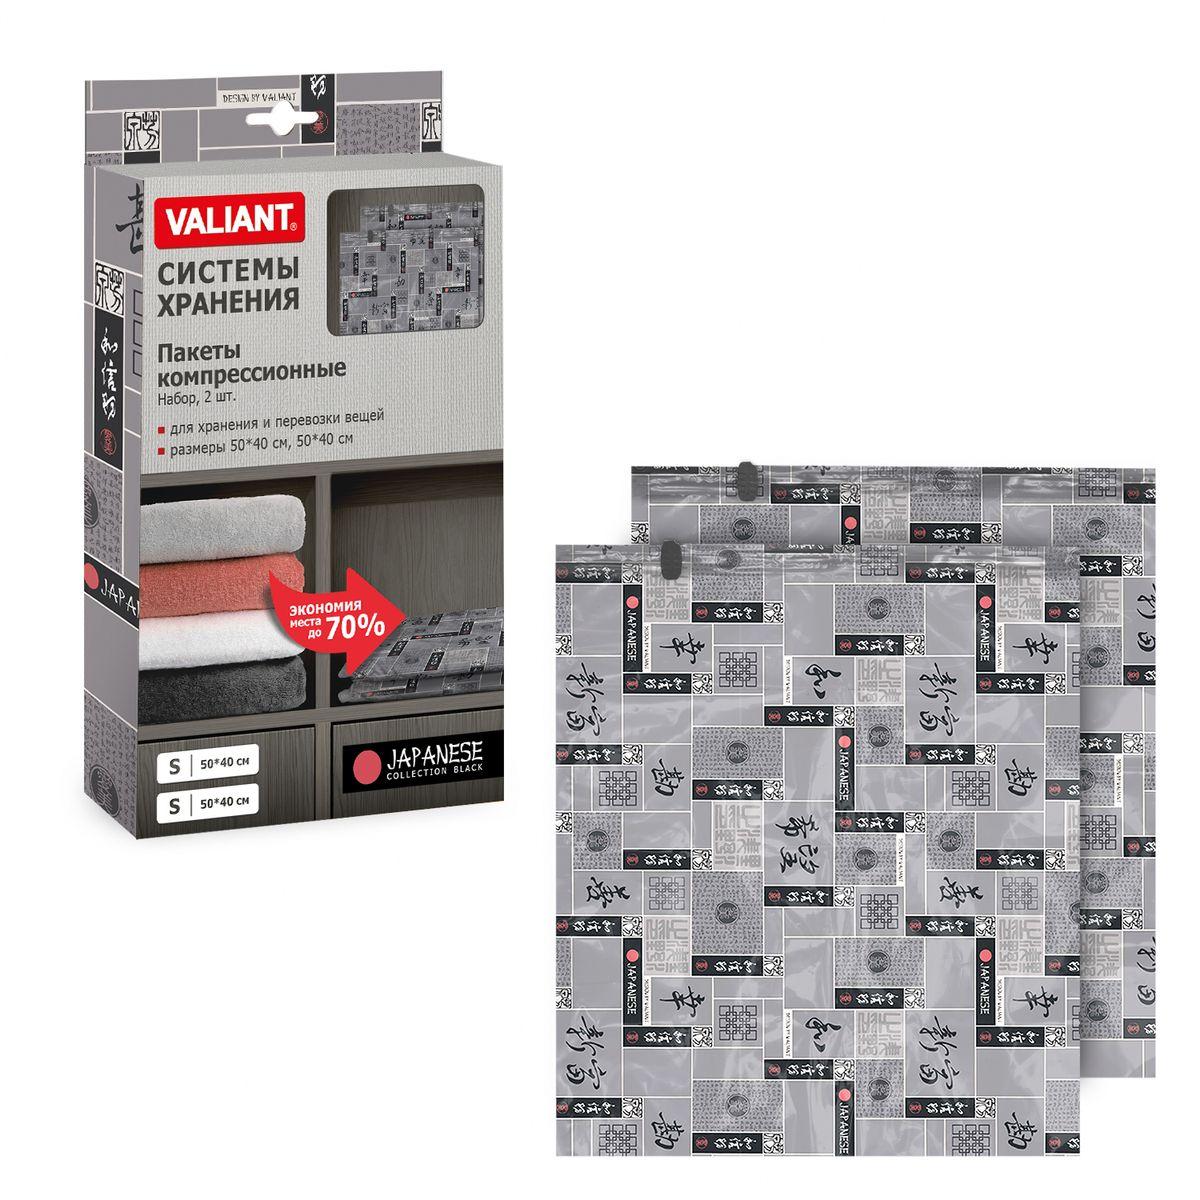 Пакет компрессионный Valiant Japanese Black, 50 х 40 см, 2 штRG-D31SНабор Valiant Japanese Black состоит из двух компрессионных пакетов, которые помогут сэкономить место в шкафу. Пакеты защищают вещи от любых повреждений - влаги, пыли, пятен, плесени, моли и других насекомых, а также от обесцвечивания, запахов и бактерий. Чехлы закрываются на замок zip-lock. Не подходят для изделий из меха и кожи.Размер чехла: 50 х 40 см.